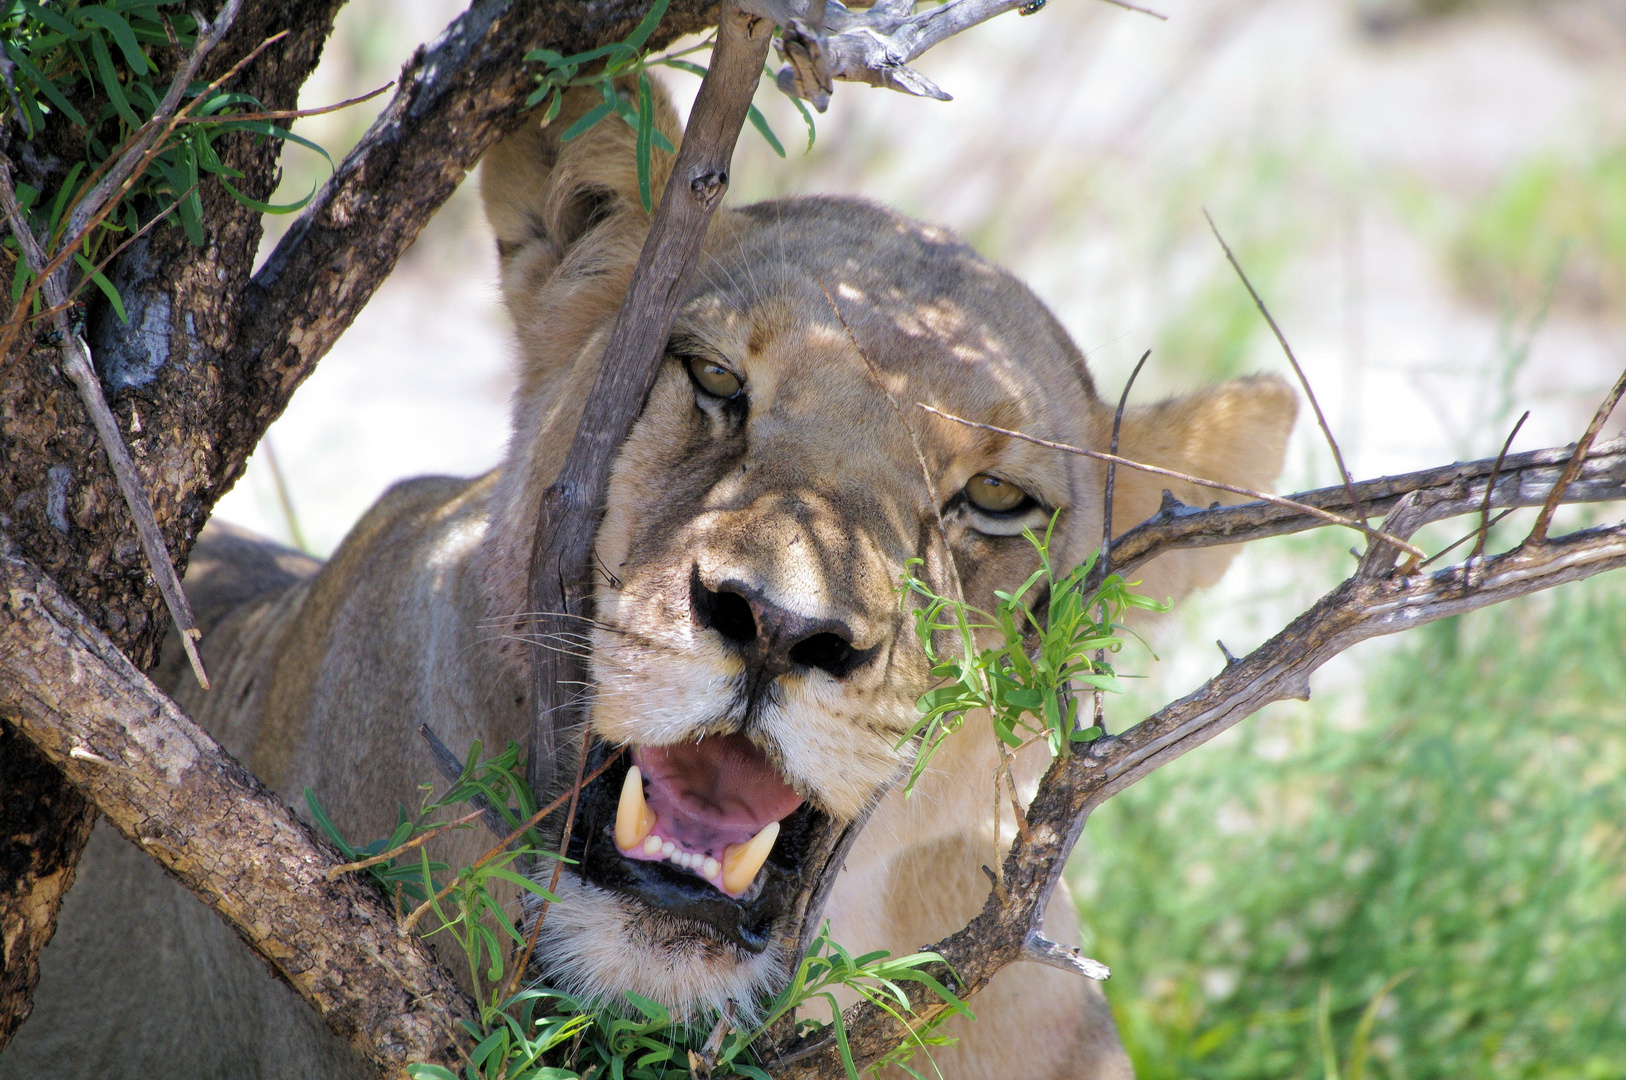 Löwin auf Schattensuche, Tau Pan Central Kalahari